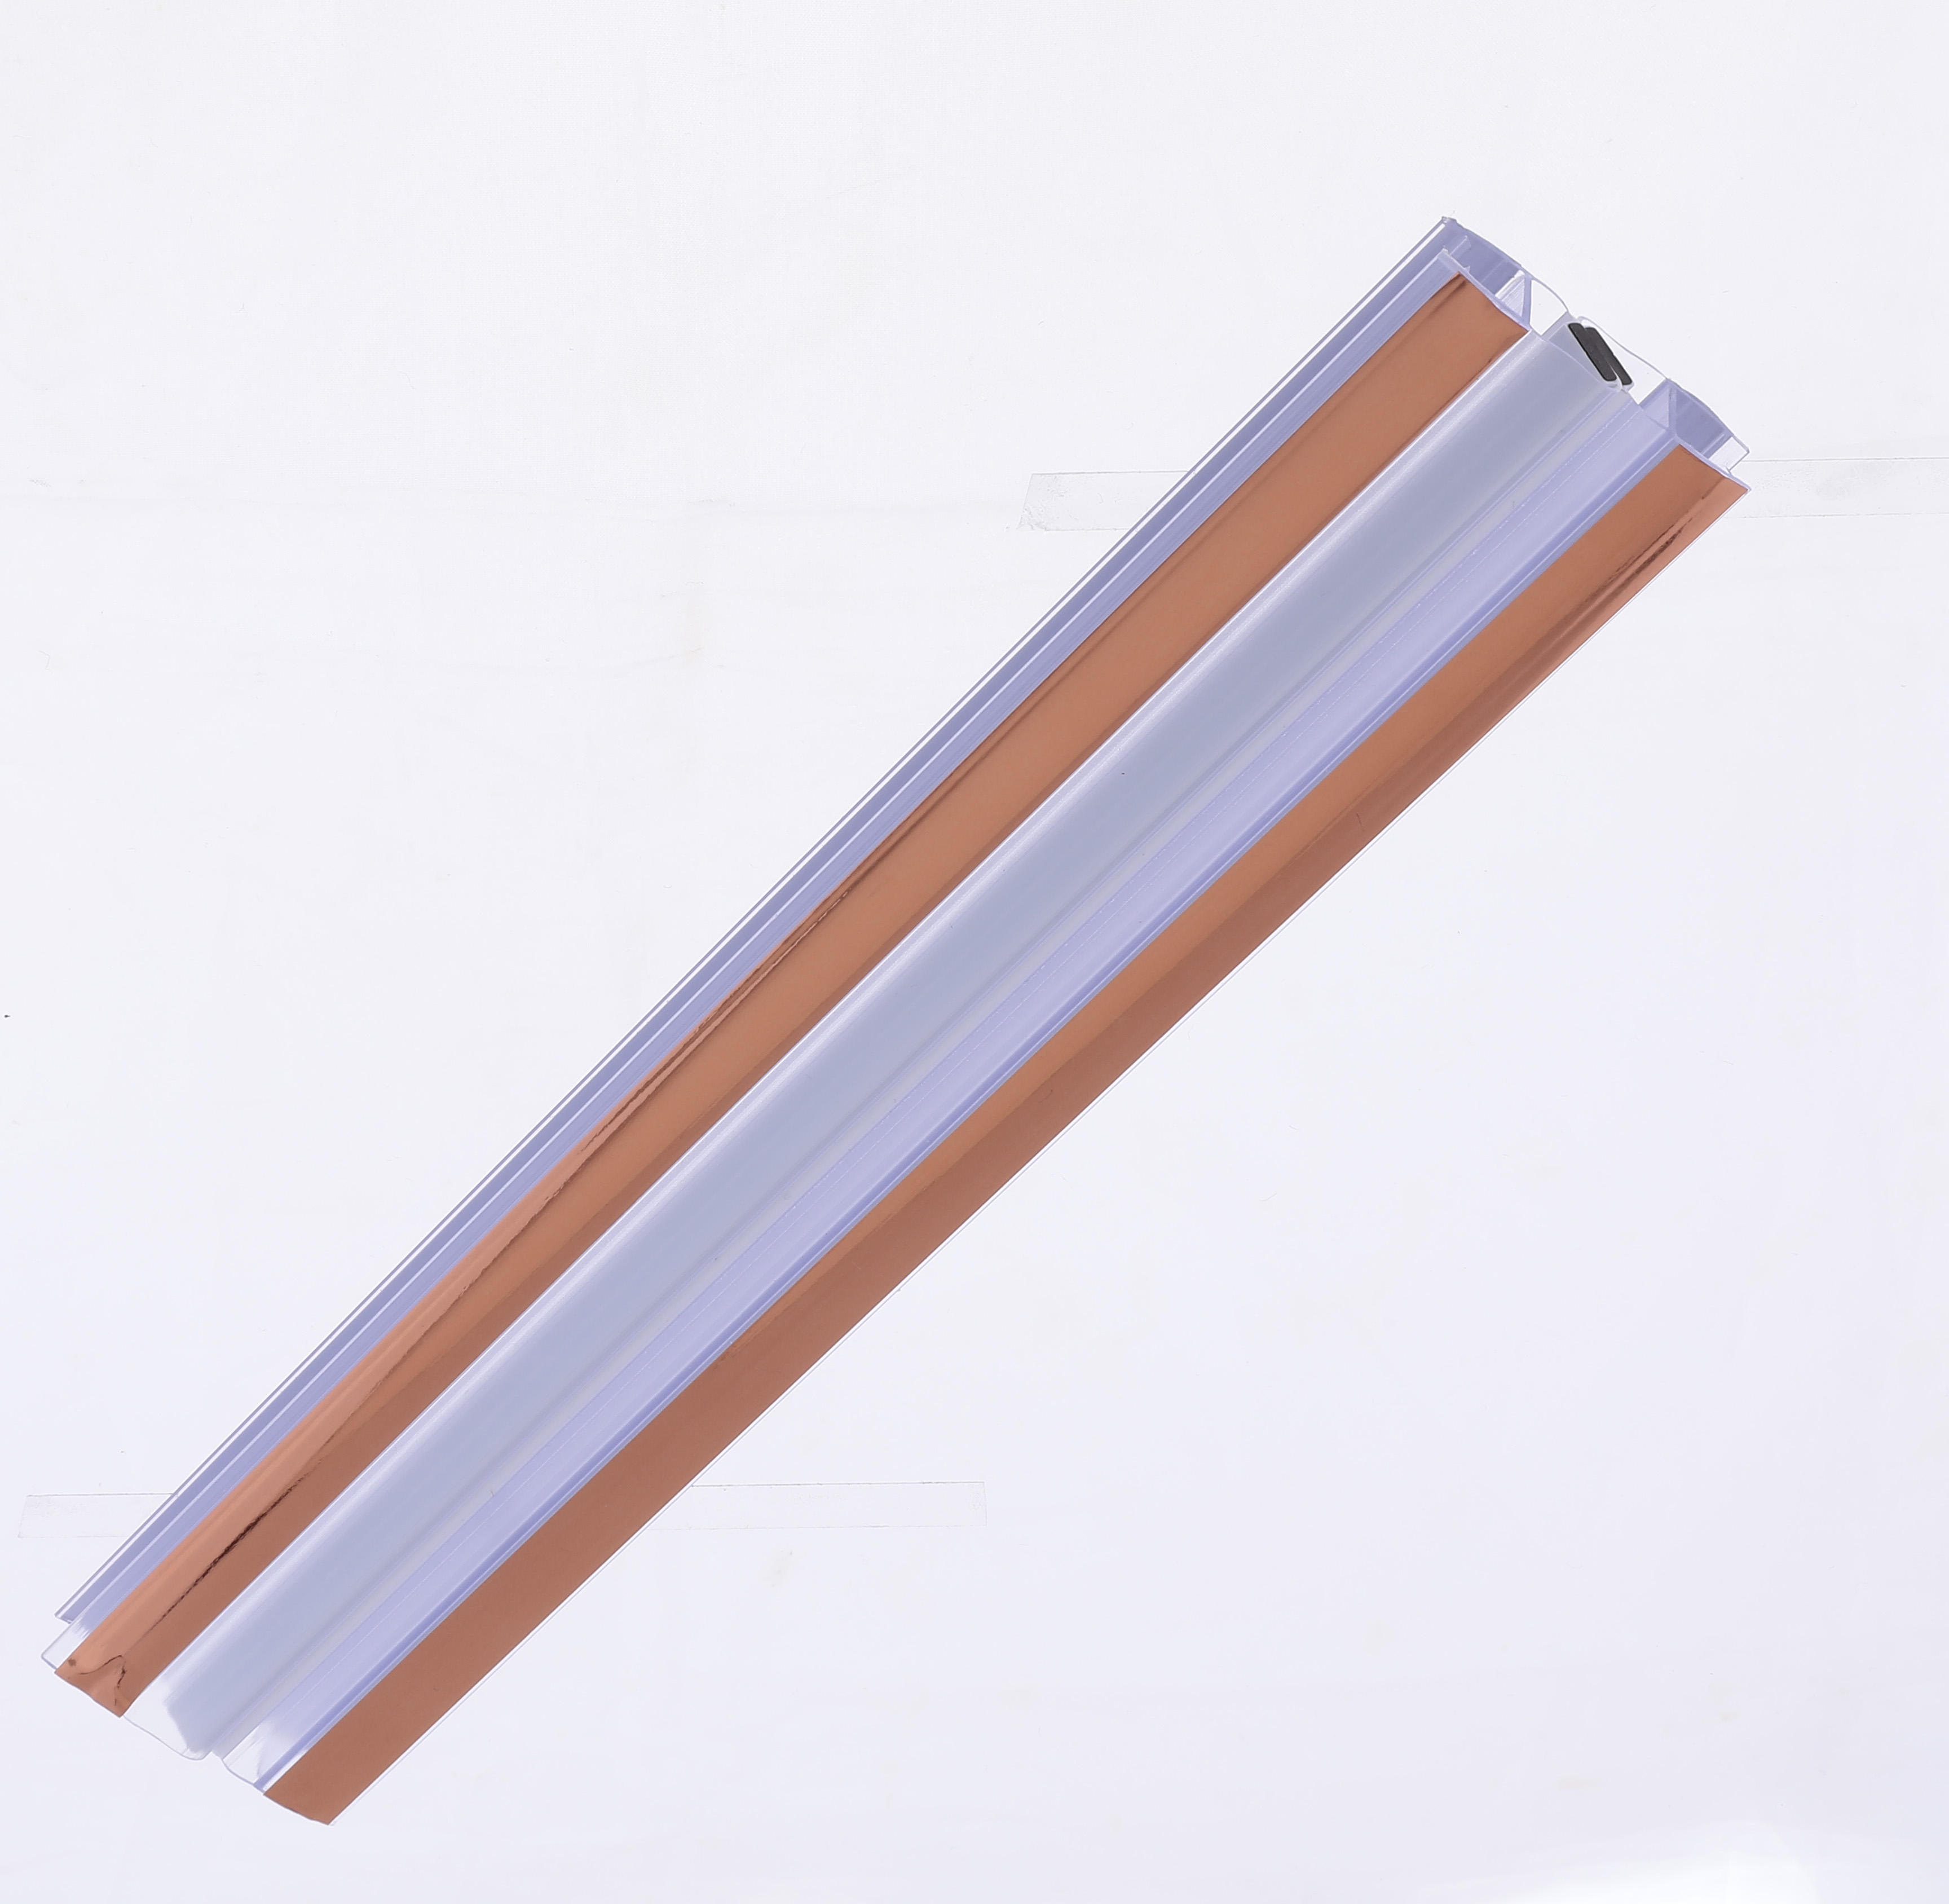 Waterproof magnetic strip